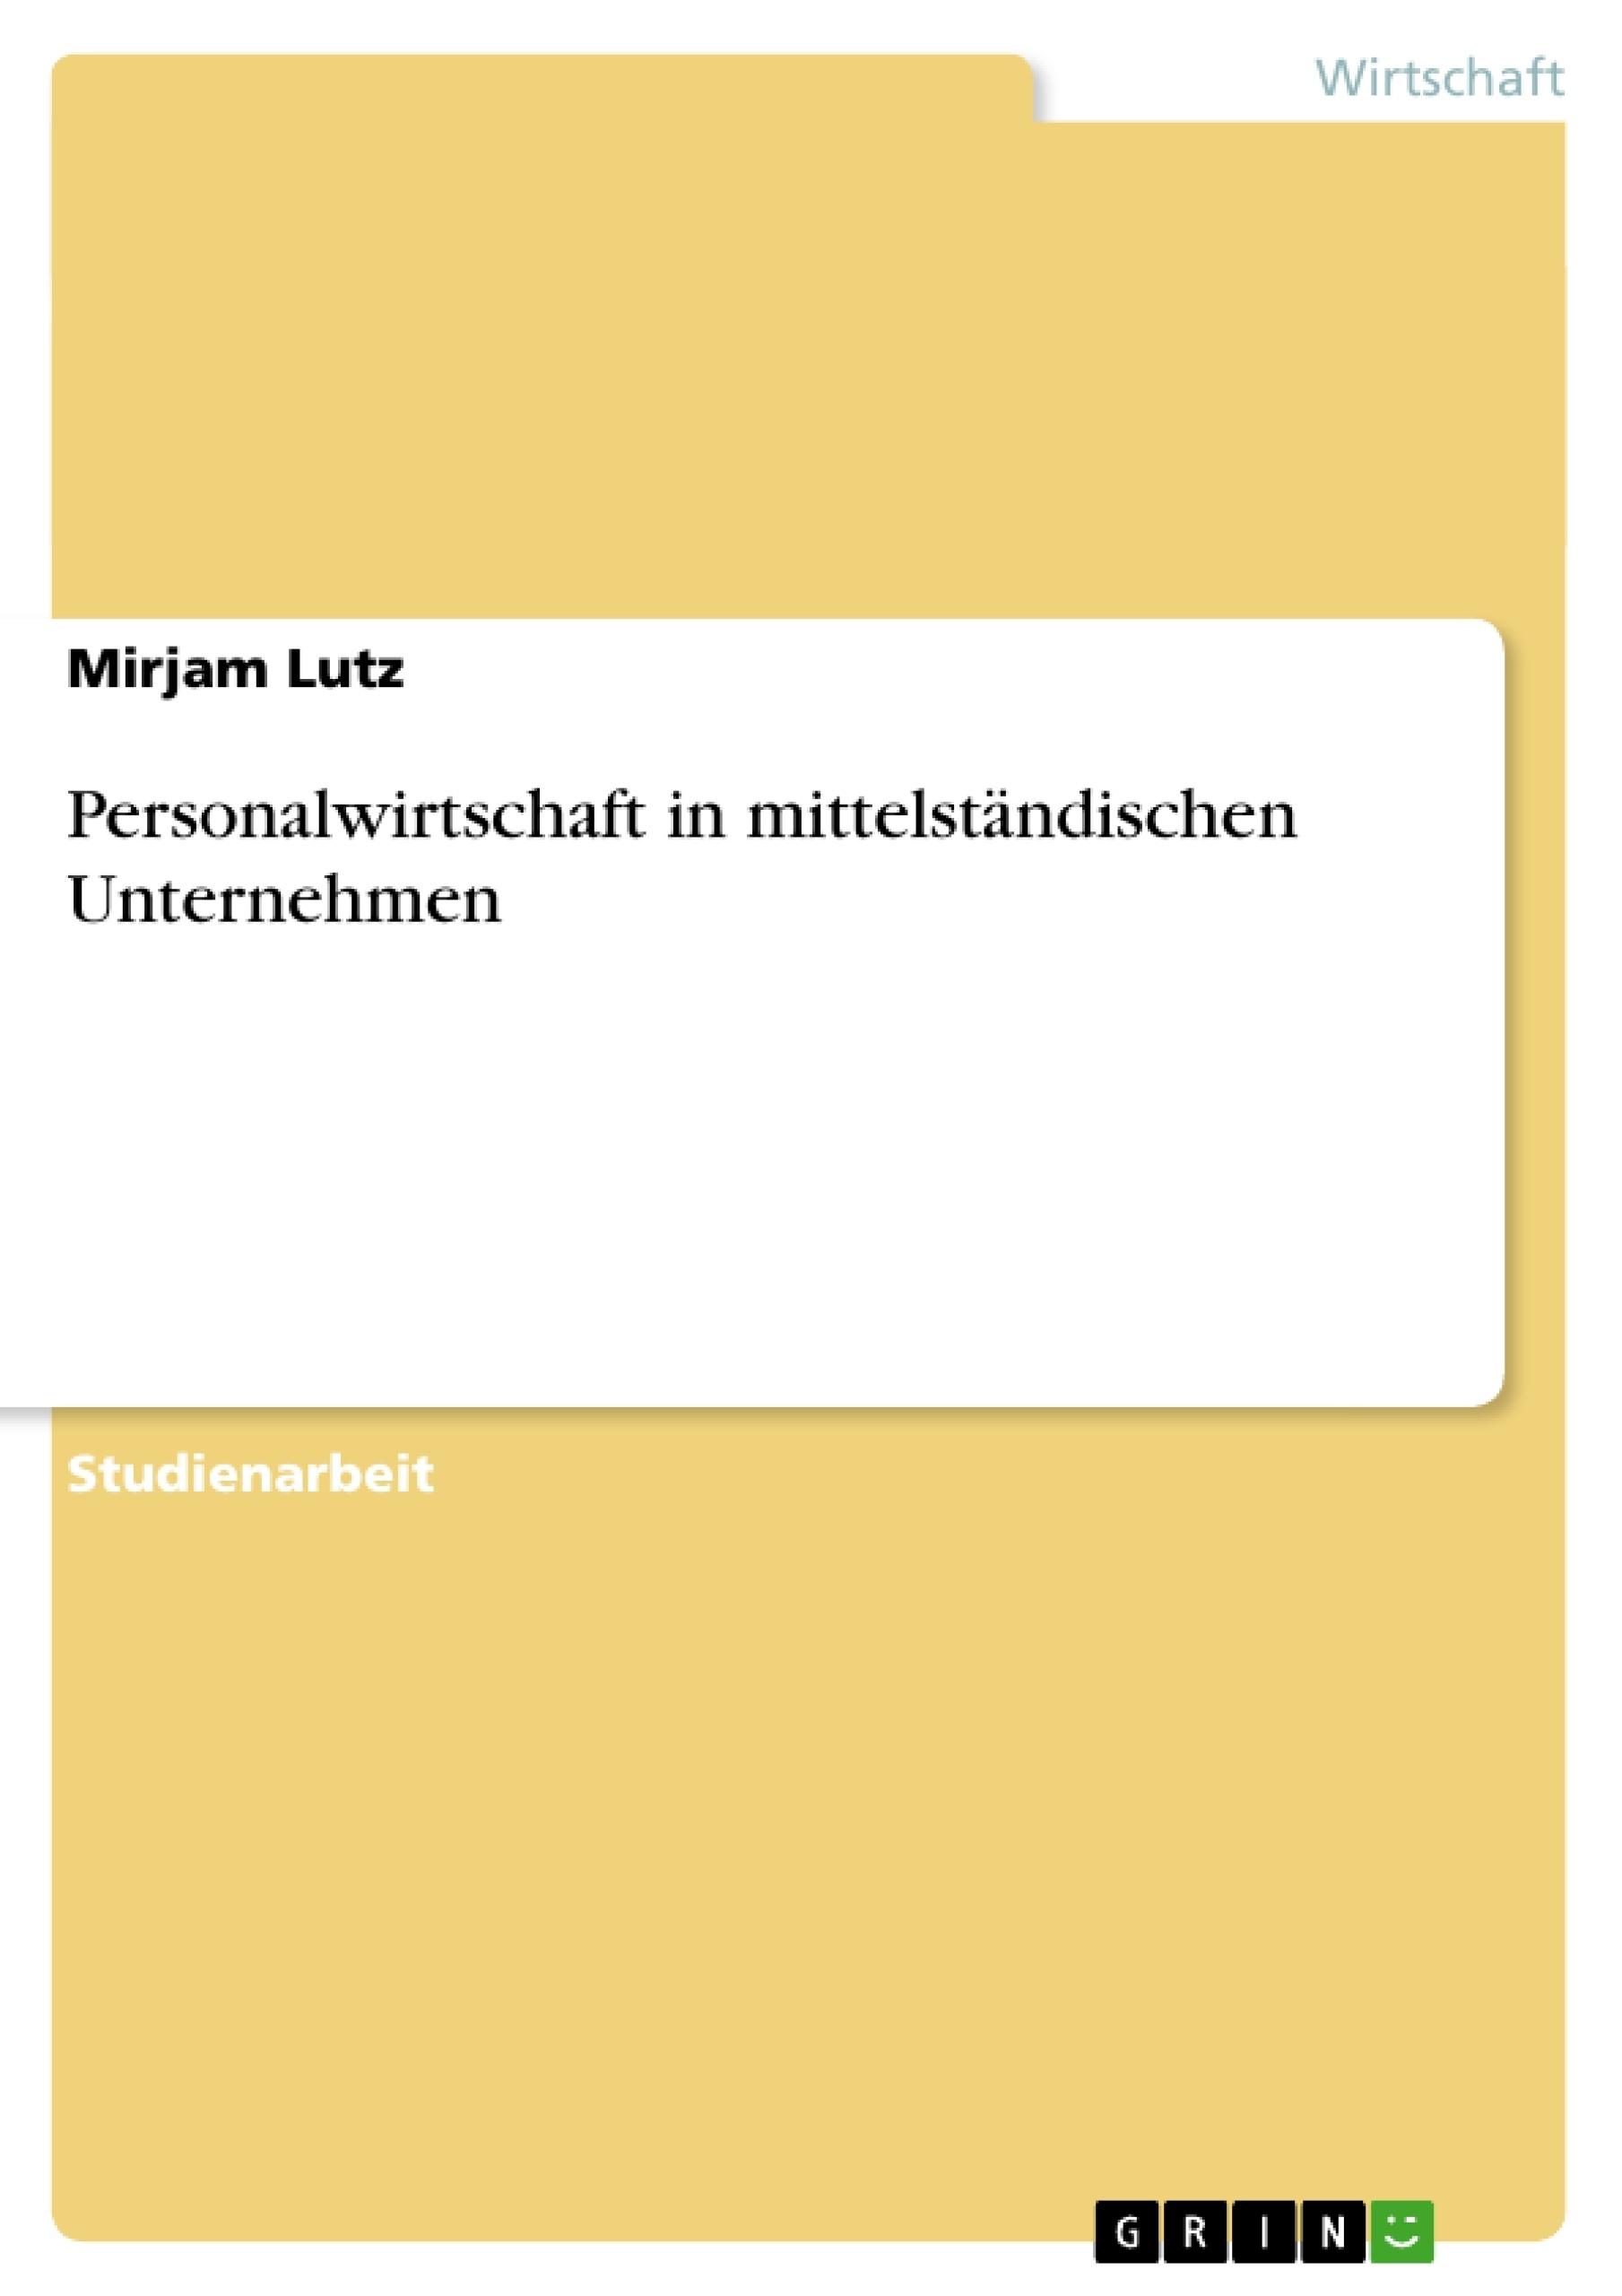 Titel: Personalwirtschaft in mittelständischen Unternehmen